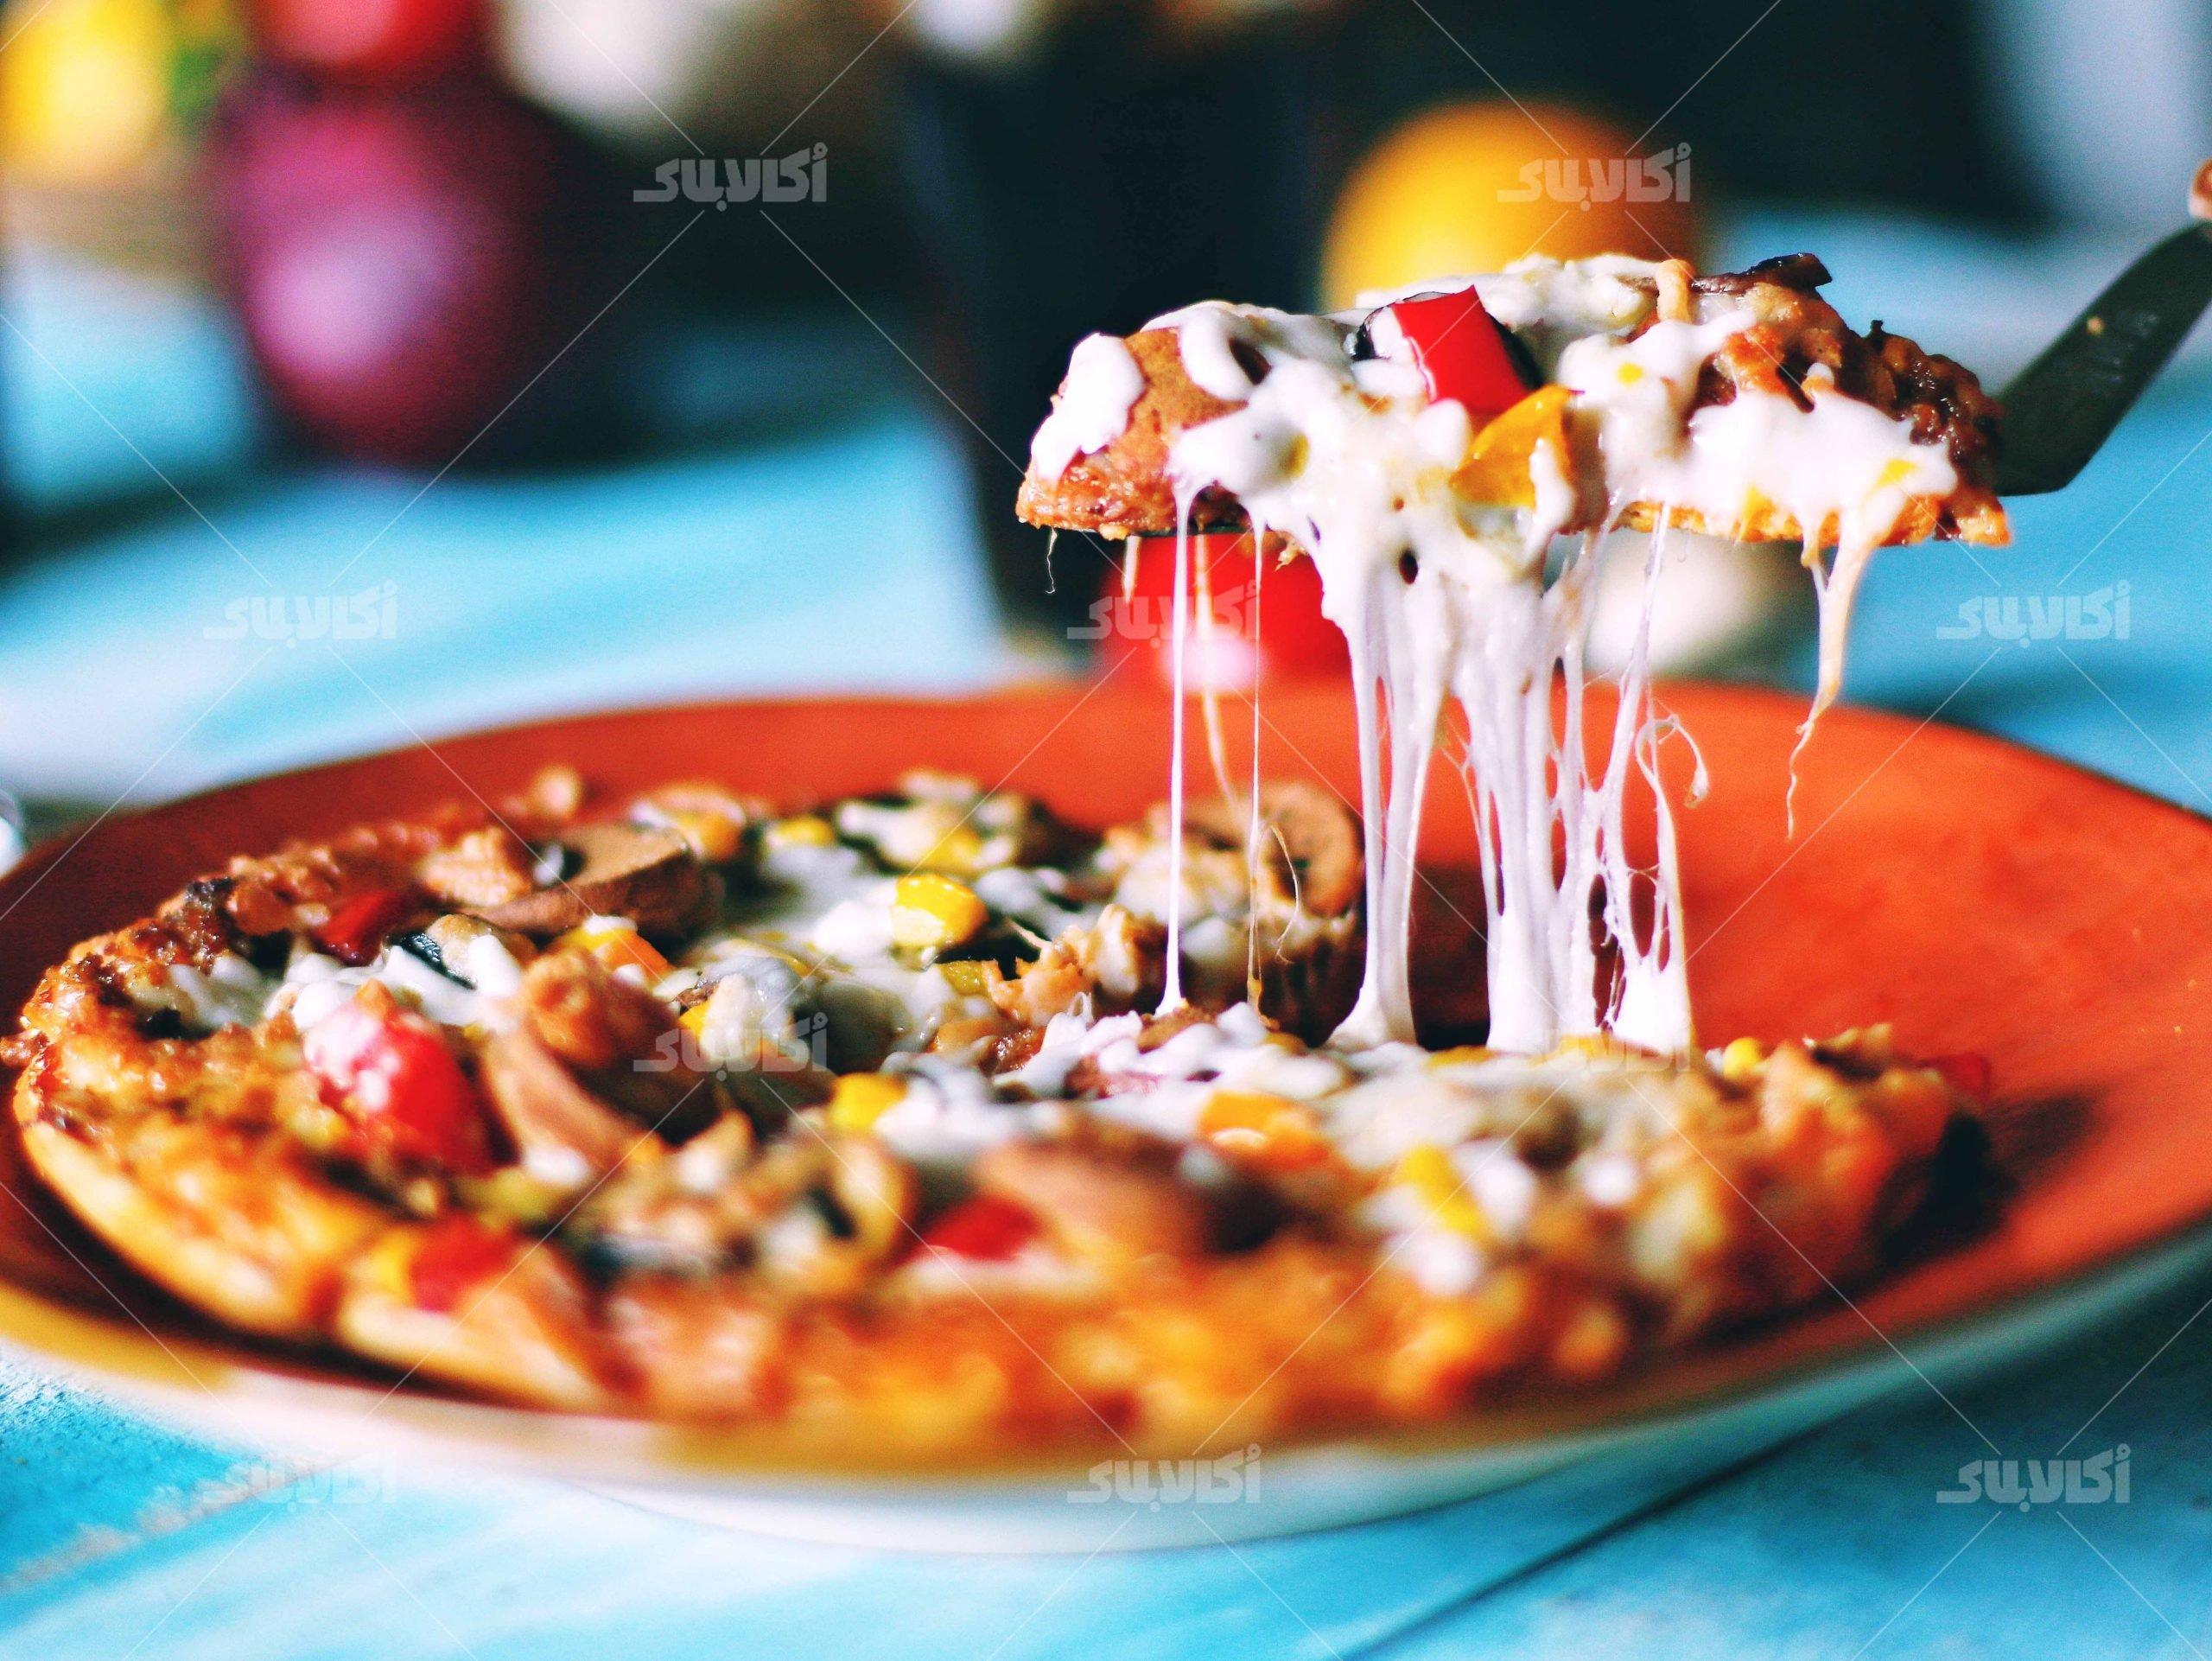 آموزش تصویری پیتزا خونگی